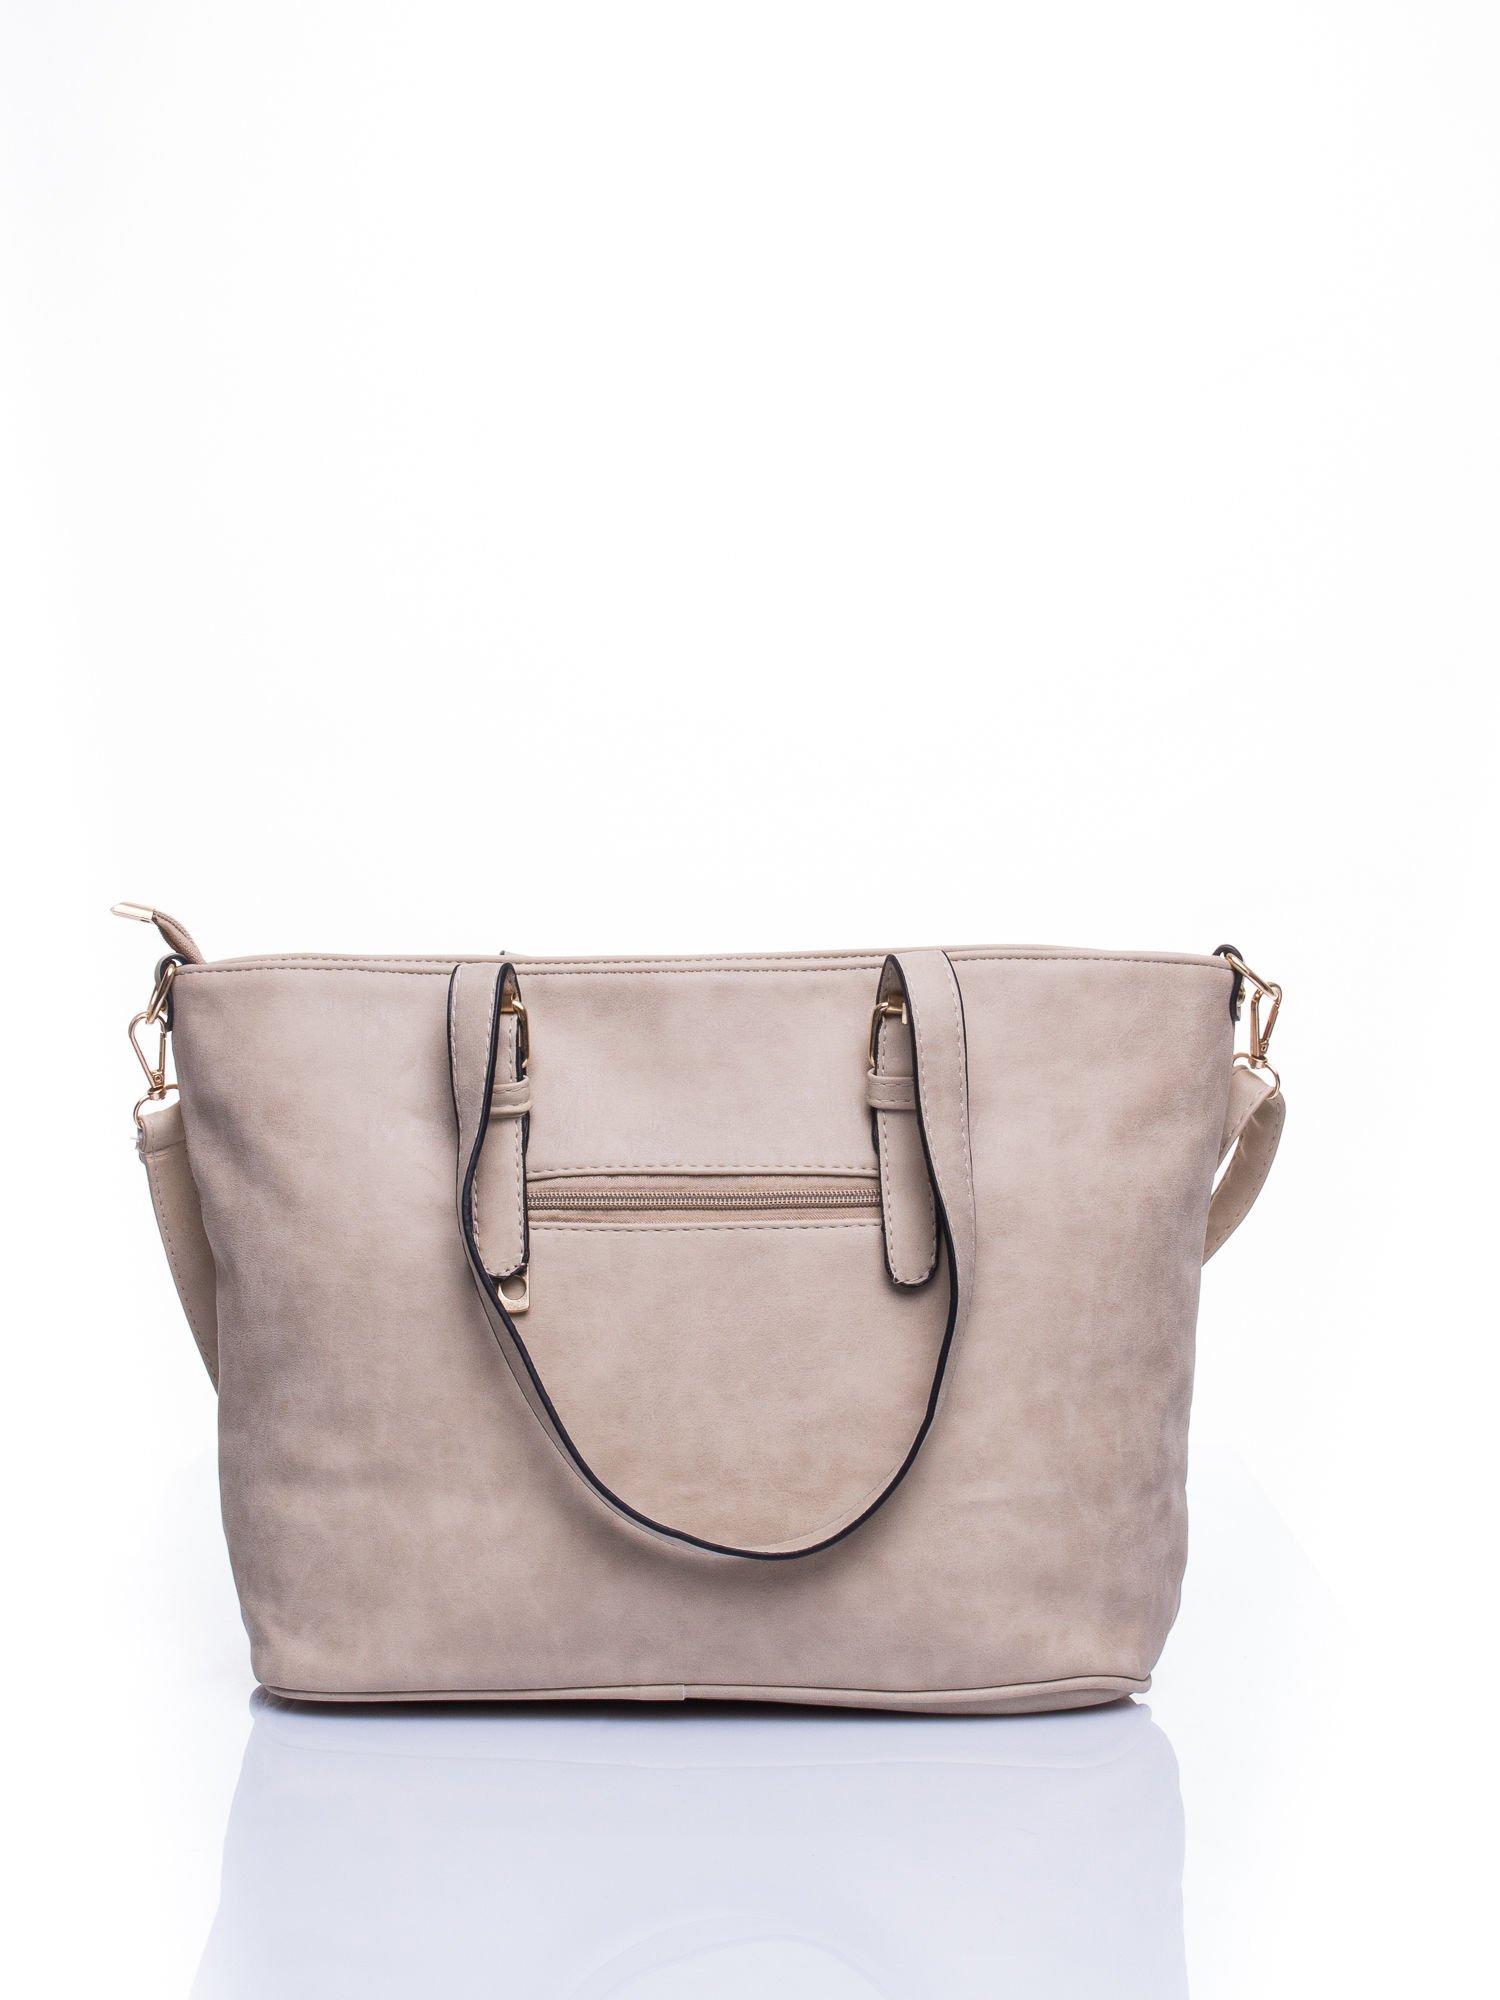 Jasnoszara torba shopper bag z zawieszką                                  zdj.                                  2